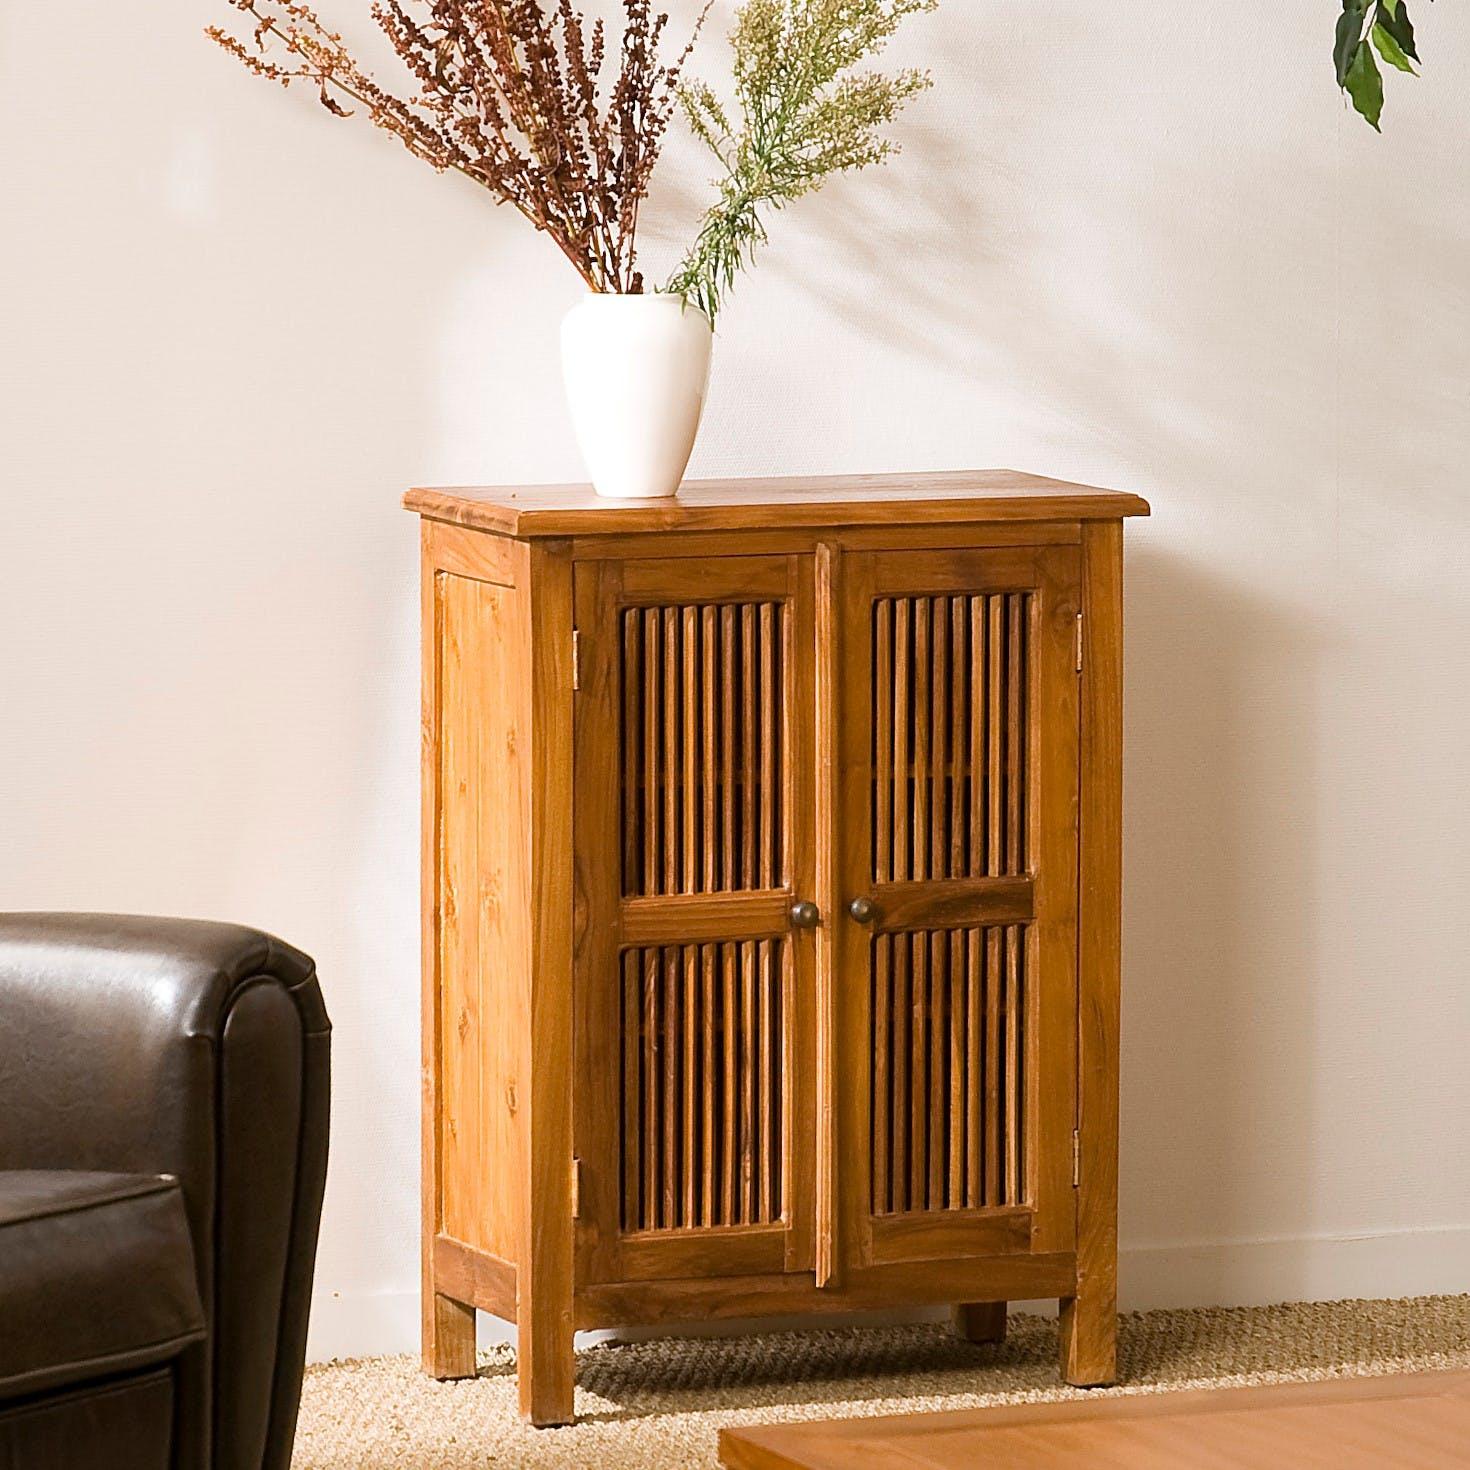 Petit meuble d'entrée bois de teck BISHO